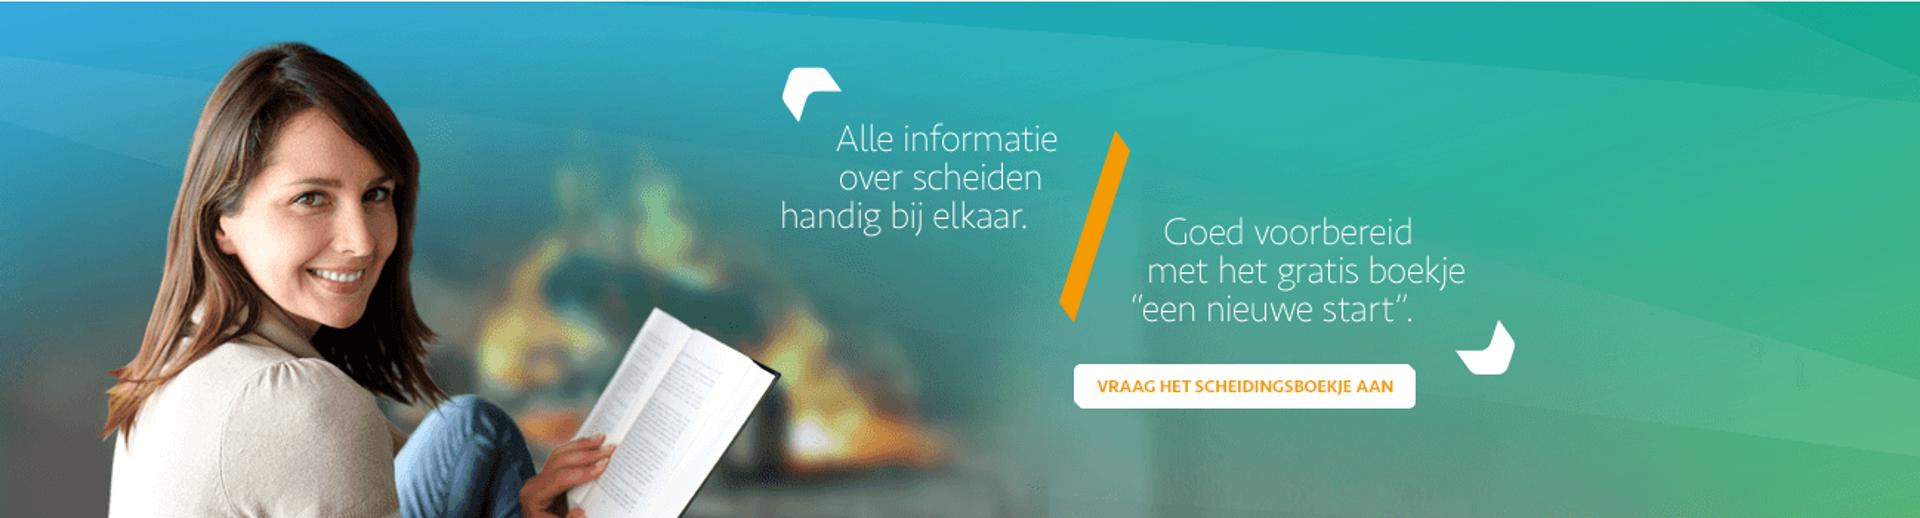 gratis boekje over scheiden - Scheidingsplanner Hoofddorp - Badhoevedorp - Nieuw-Vennep